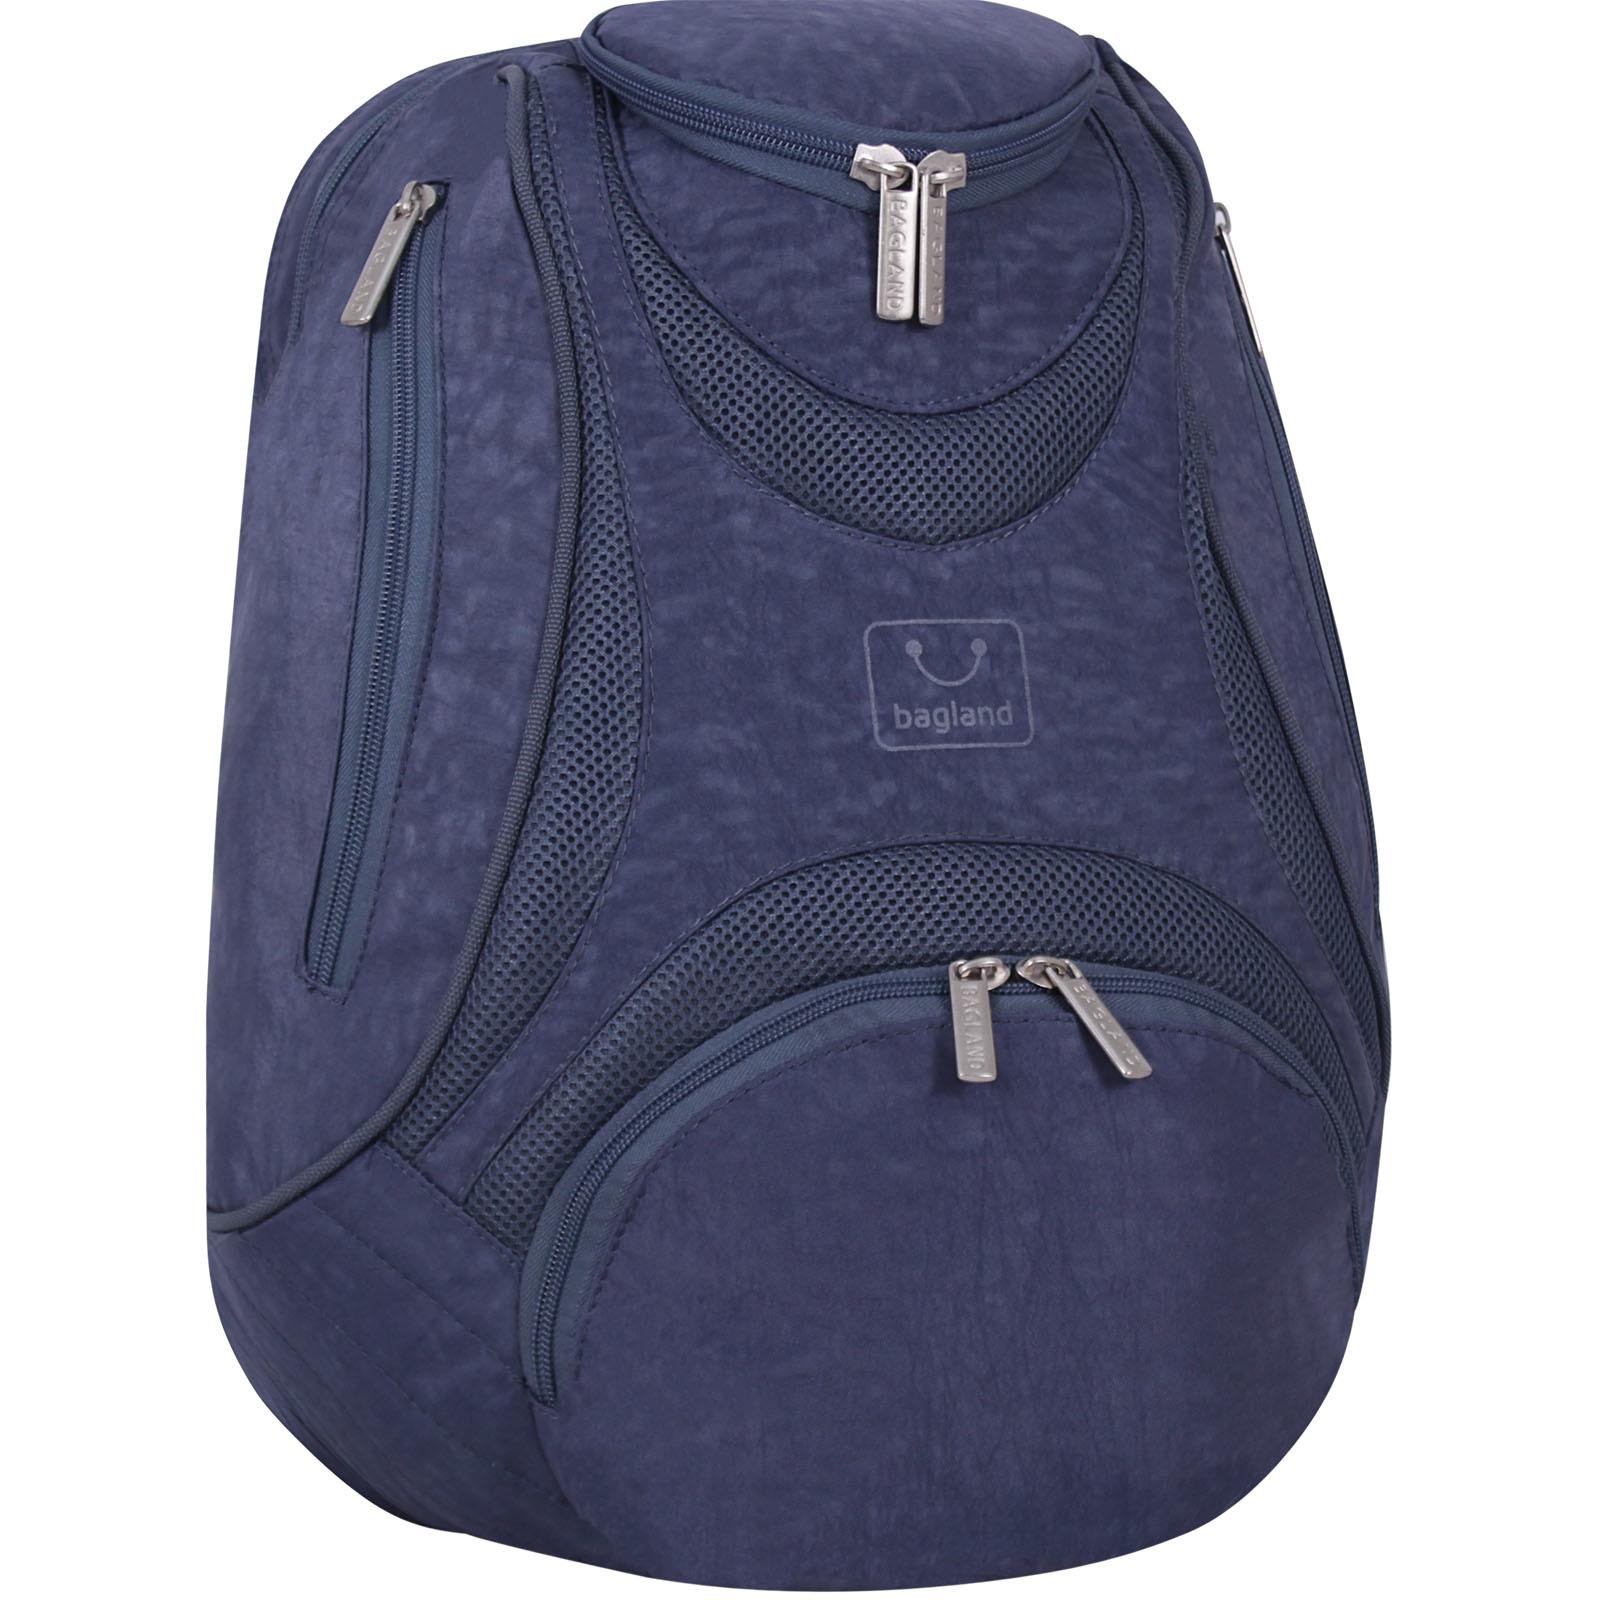 Городские рюкзаки Рюкзак Bagland Объемный 35 л. Темно серый (0014670) IMG_9051-1600.jpg